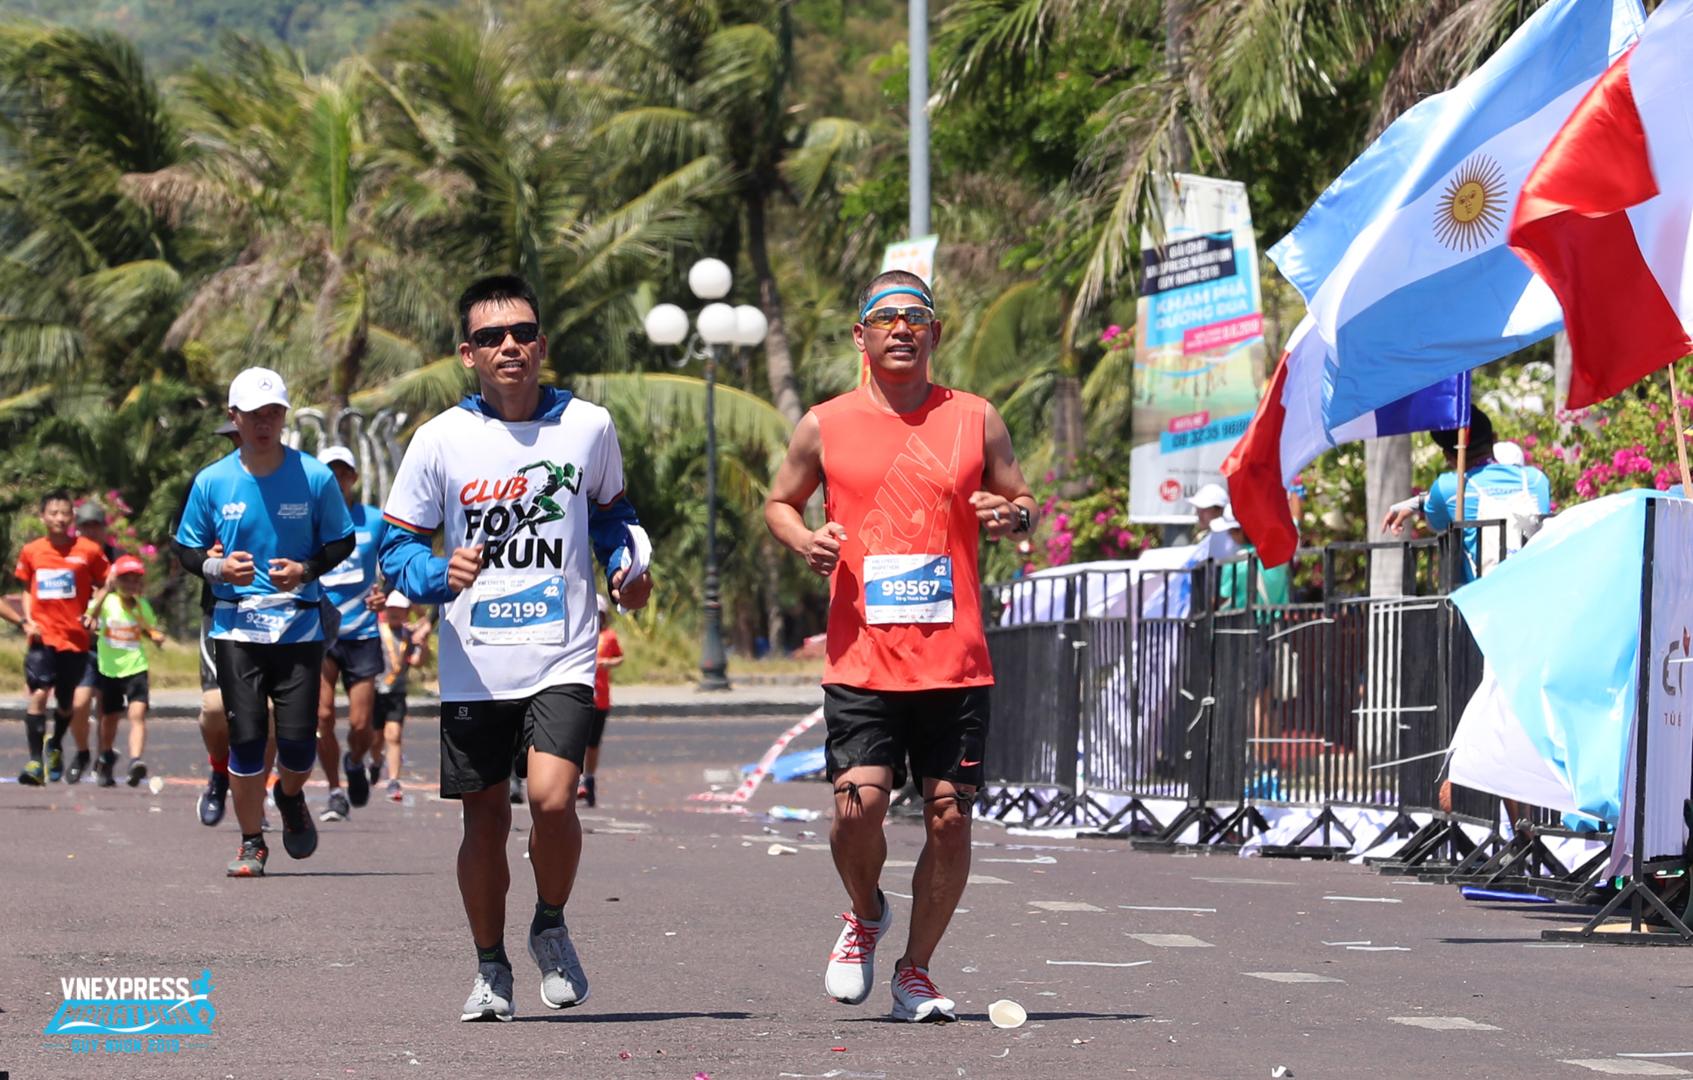 """Lần đầu thử sức cự ly 42, anh Phạm Công Tứ chinh phục thành công marathon khá sớm so với các đồng nghiệp từng chạy nhiều giải trước đó. """"Thật sảng khoái khi lần đầu lên đỉnh 42km mơ ước. Đây là kỷ niệm đáng nhờ trên hành trình chạy của tôi""""."""